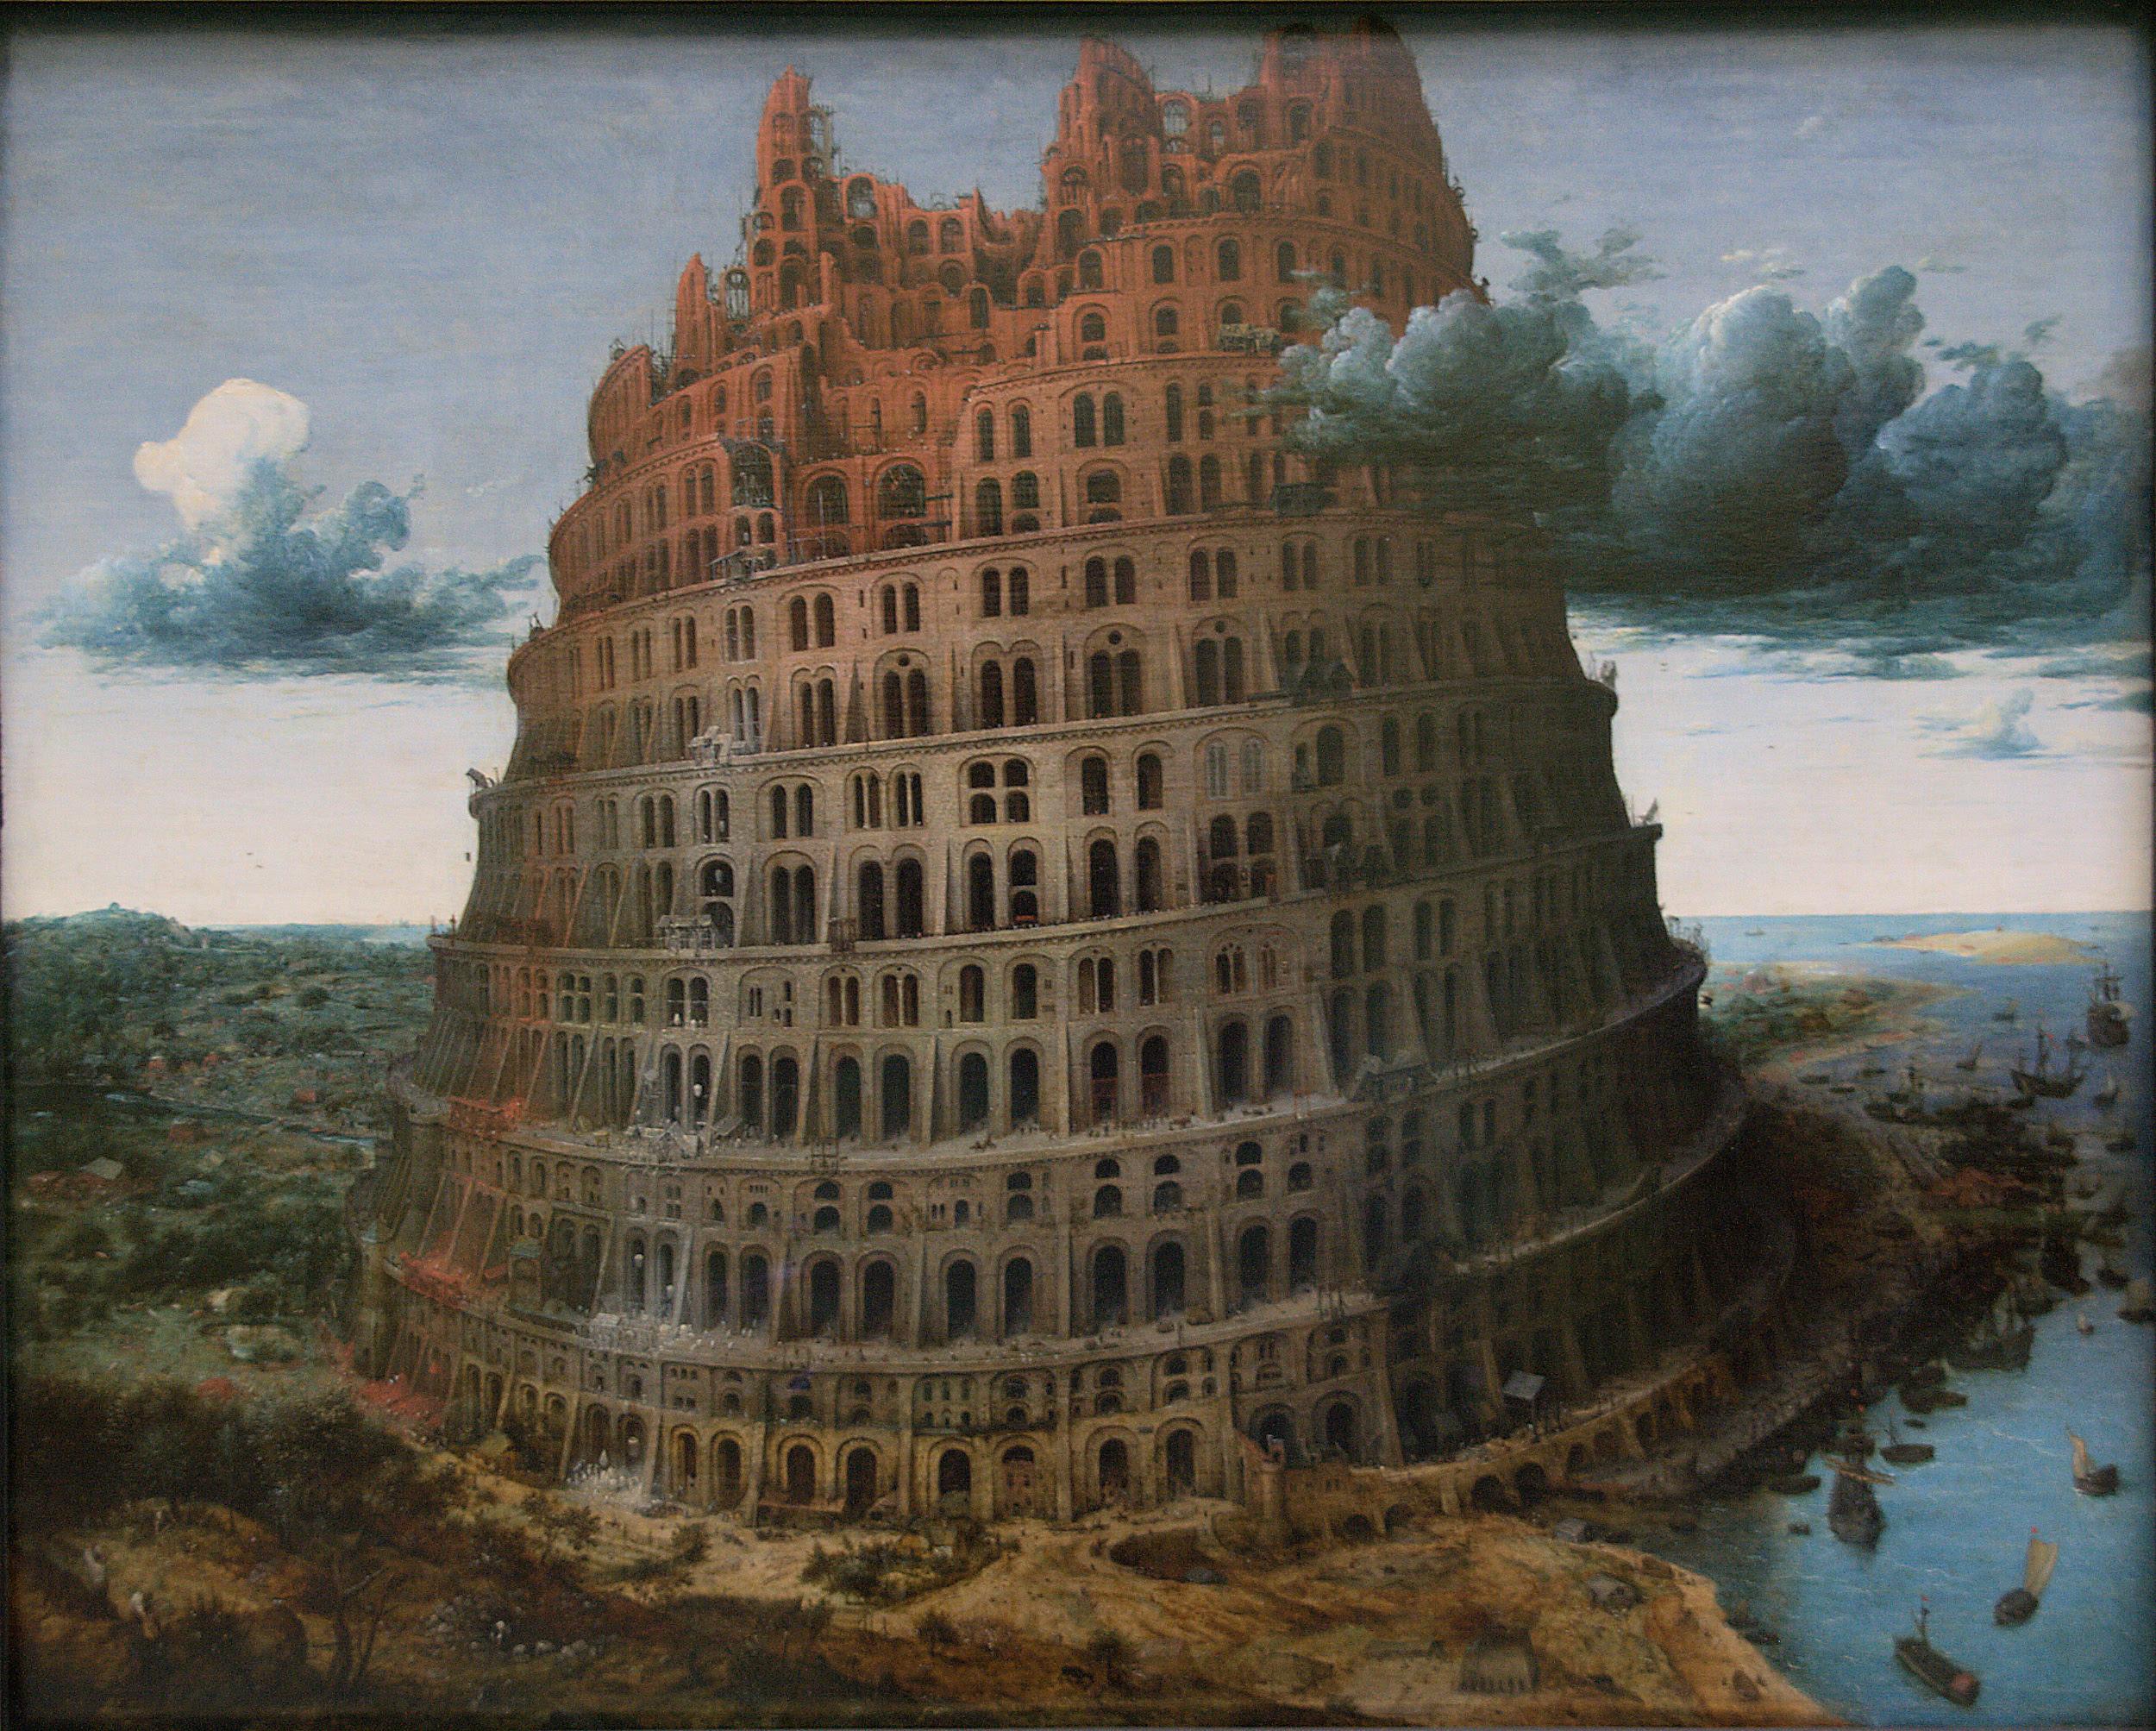 http://upload.wikimedia.org/wikipedia/commons/1/1c/WLANL_-_Quistnix%21_-_Museum_Boijmans_van_Beuningen_-_Toren_van_Babel%2C_Bruegel.jpg